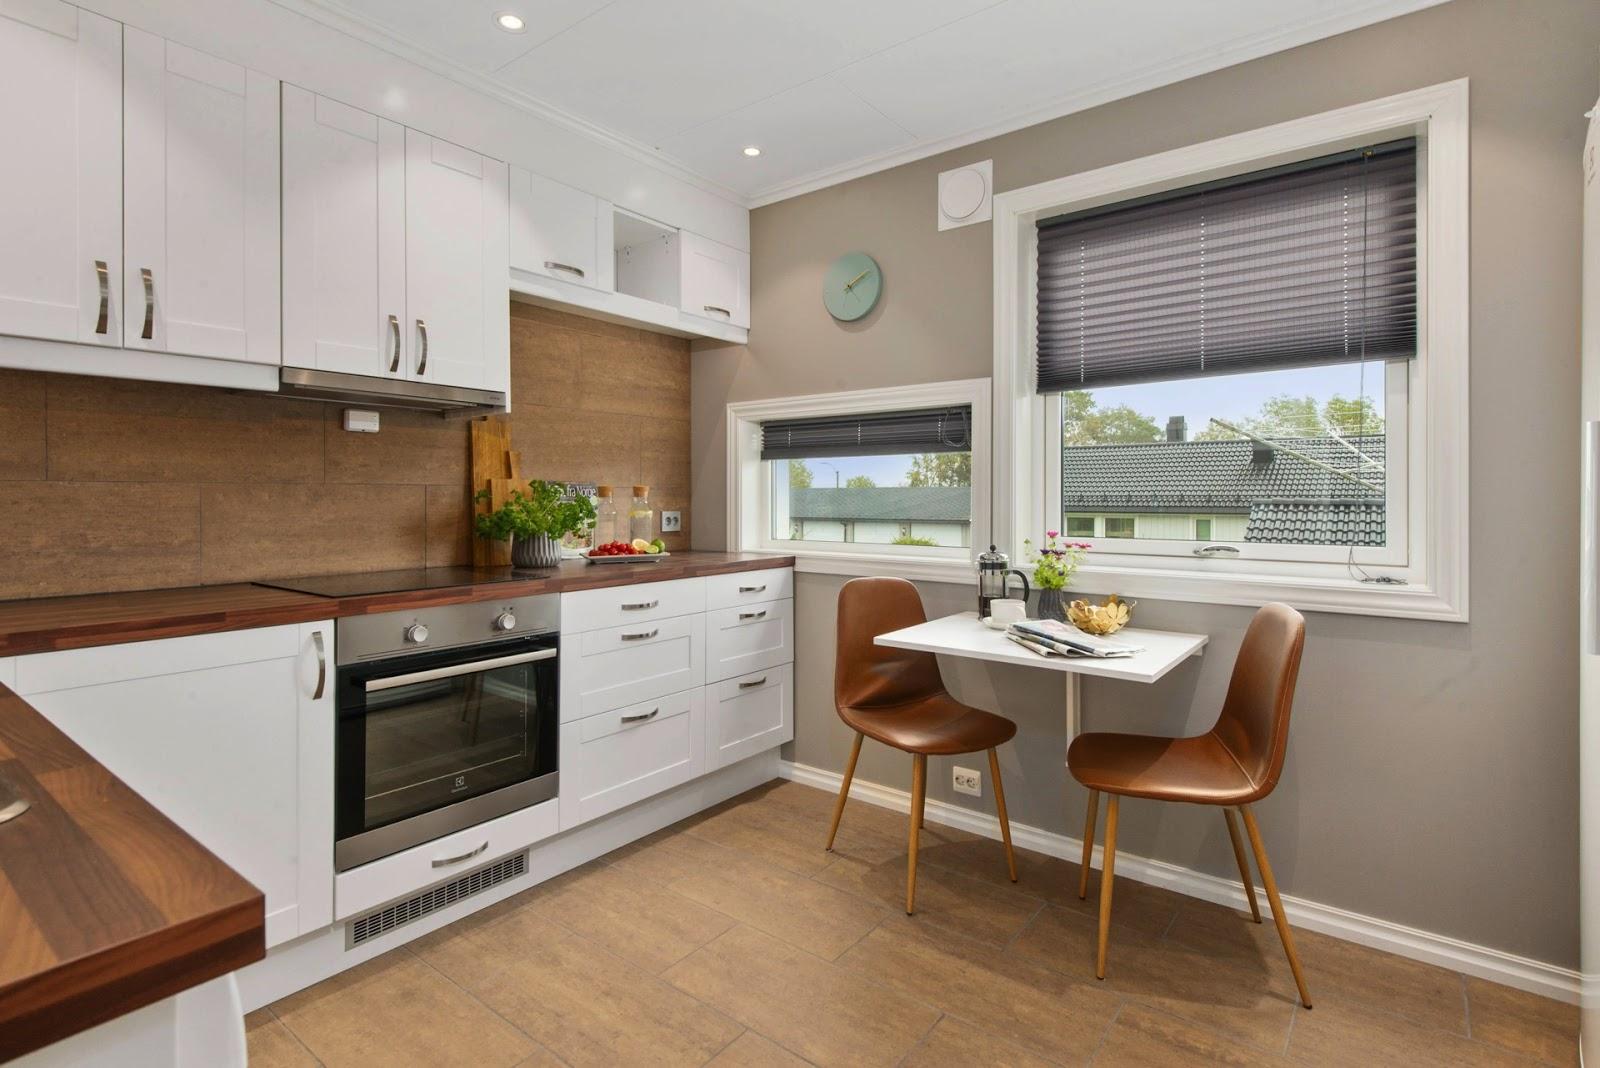 Kuchnia w mieszkaniu na przedmieściach